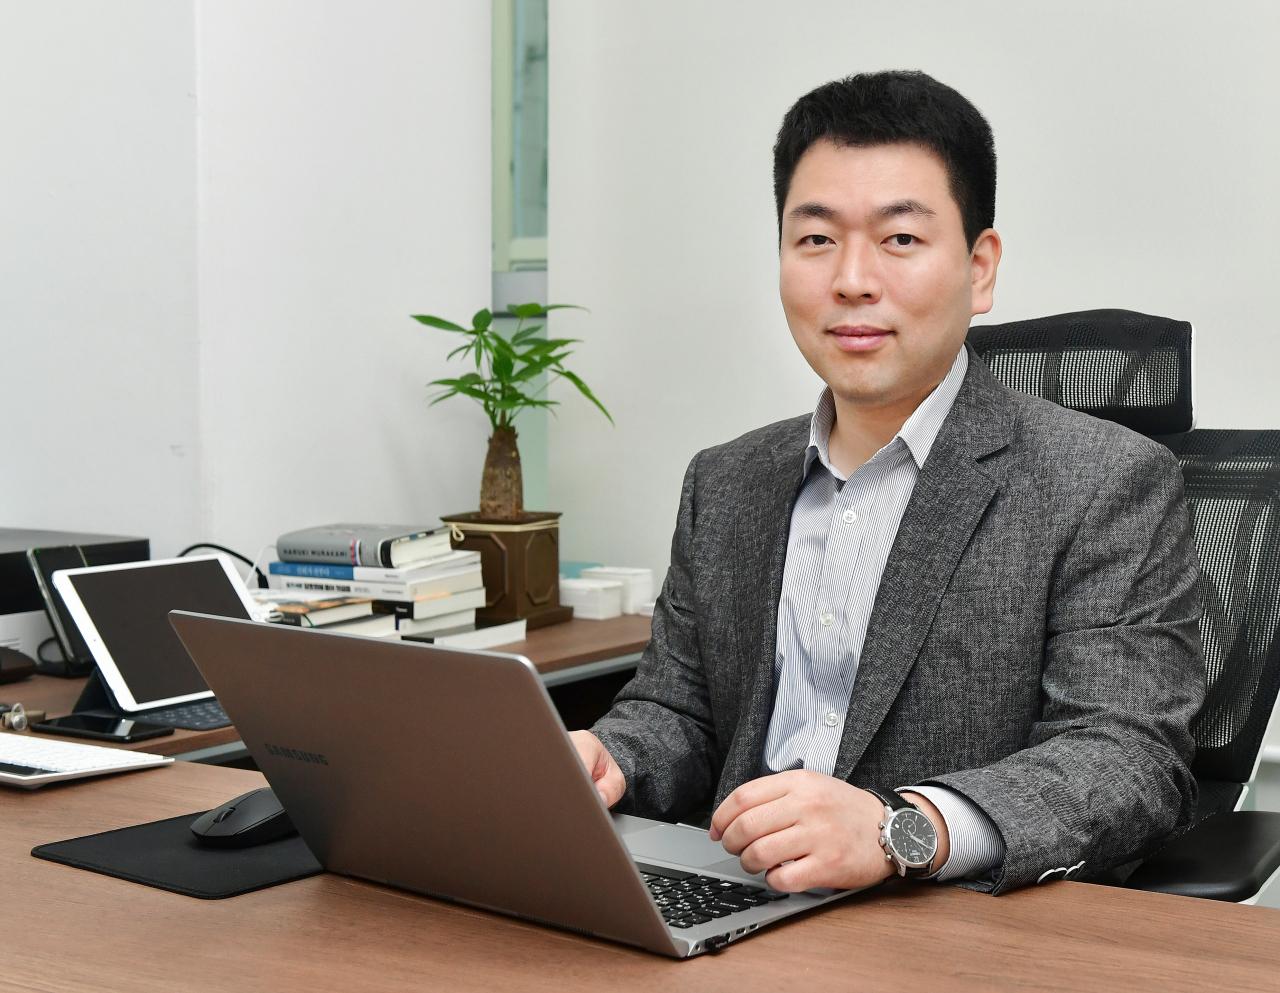 빗썸, 새 대표이사로 허백영 전 대표 선임